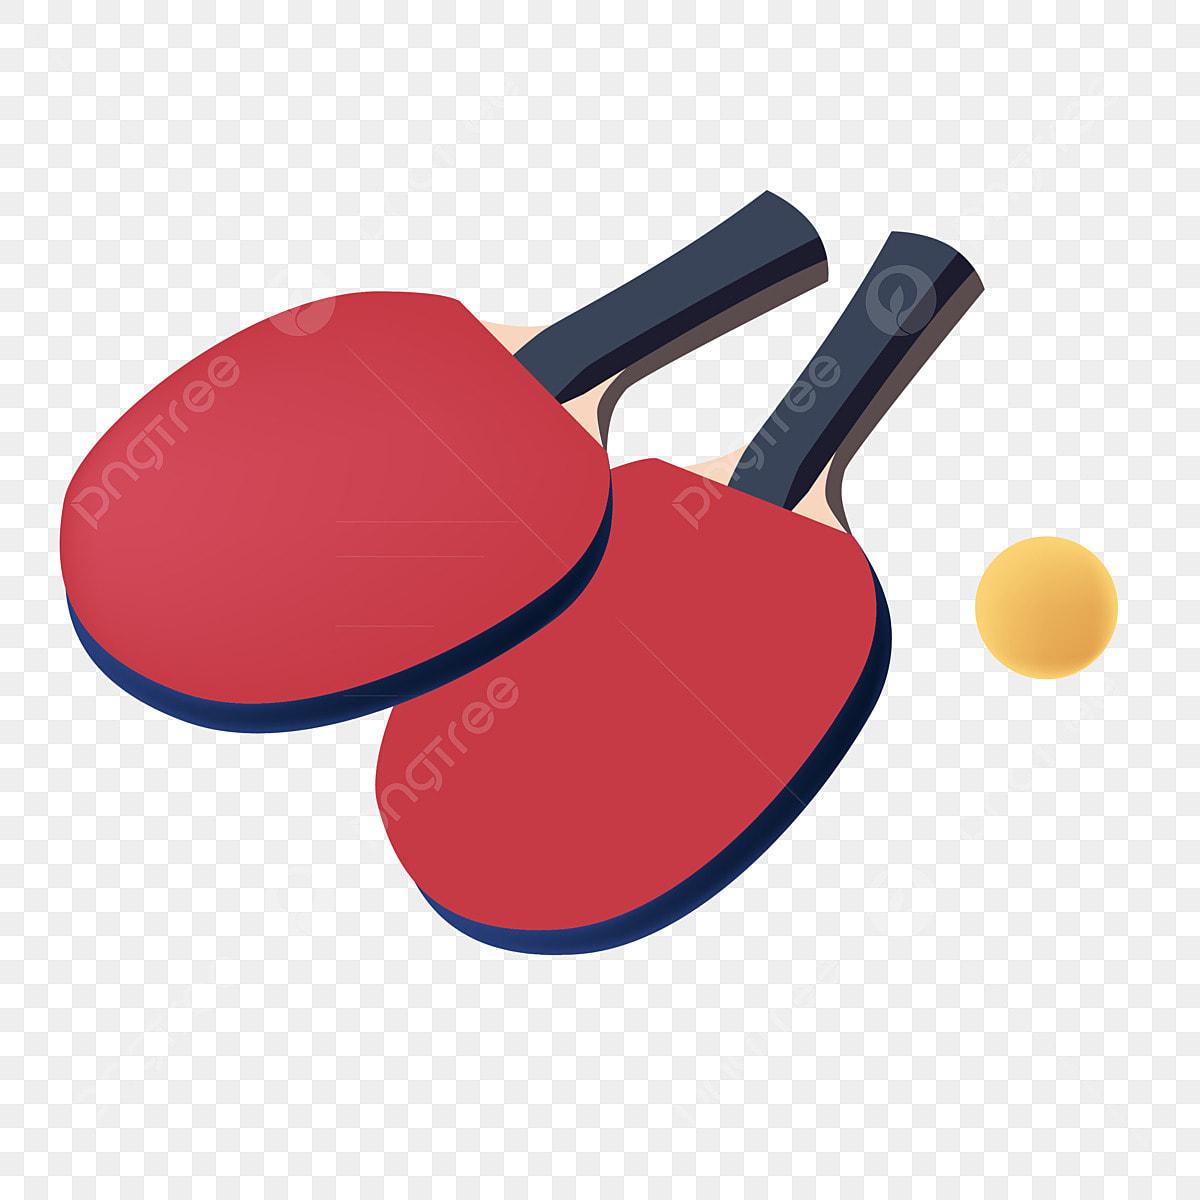 Roket Tenis Meja Gambar Tenis Meja Besar Sukan, Dilukis Dengan ...